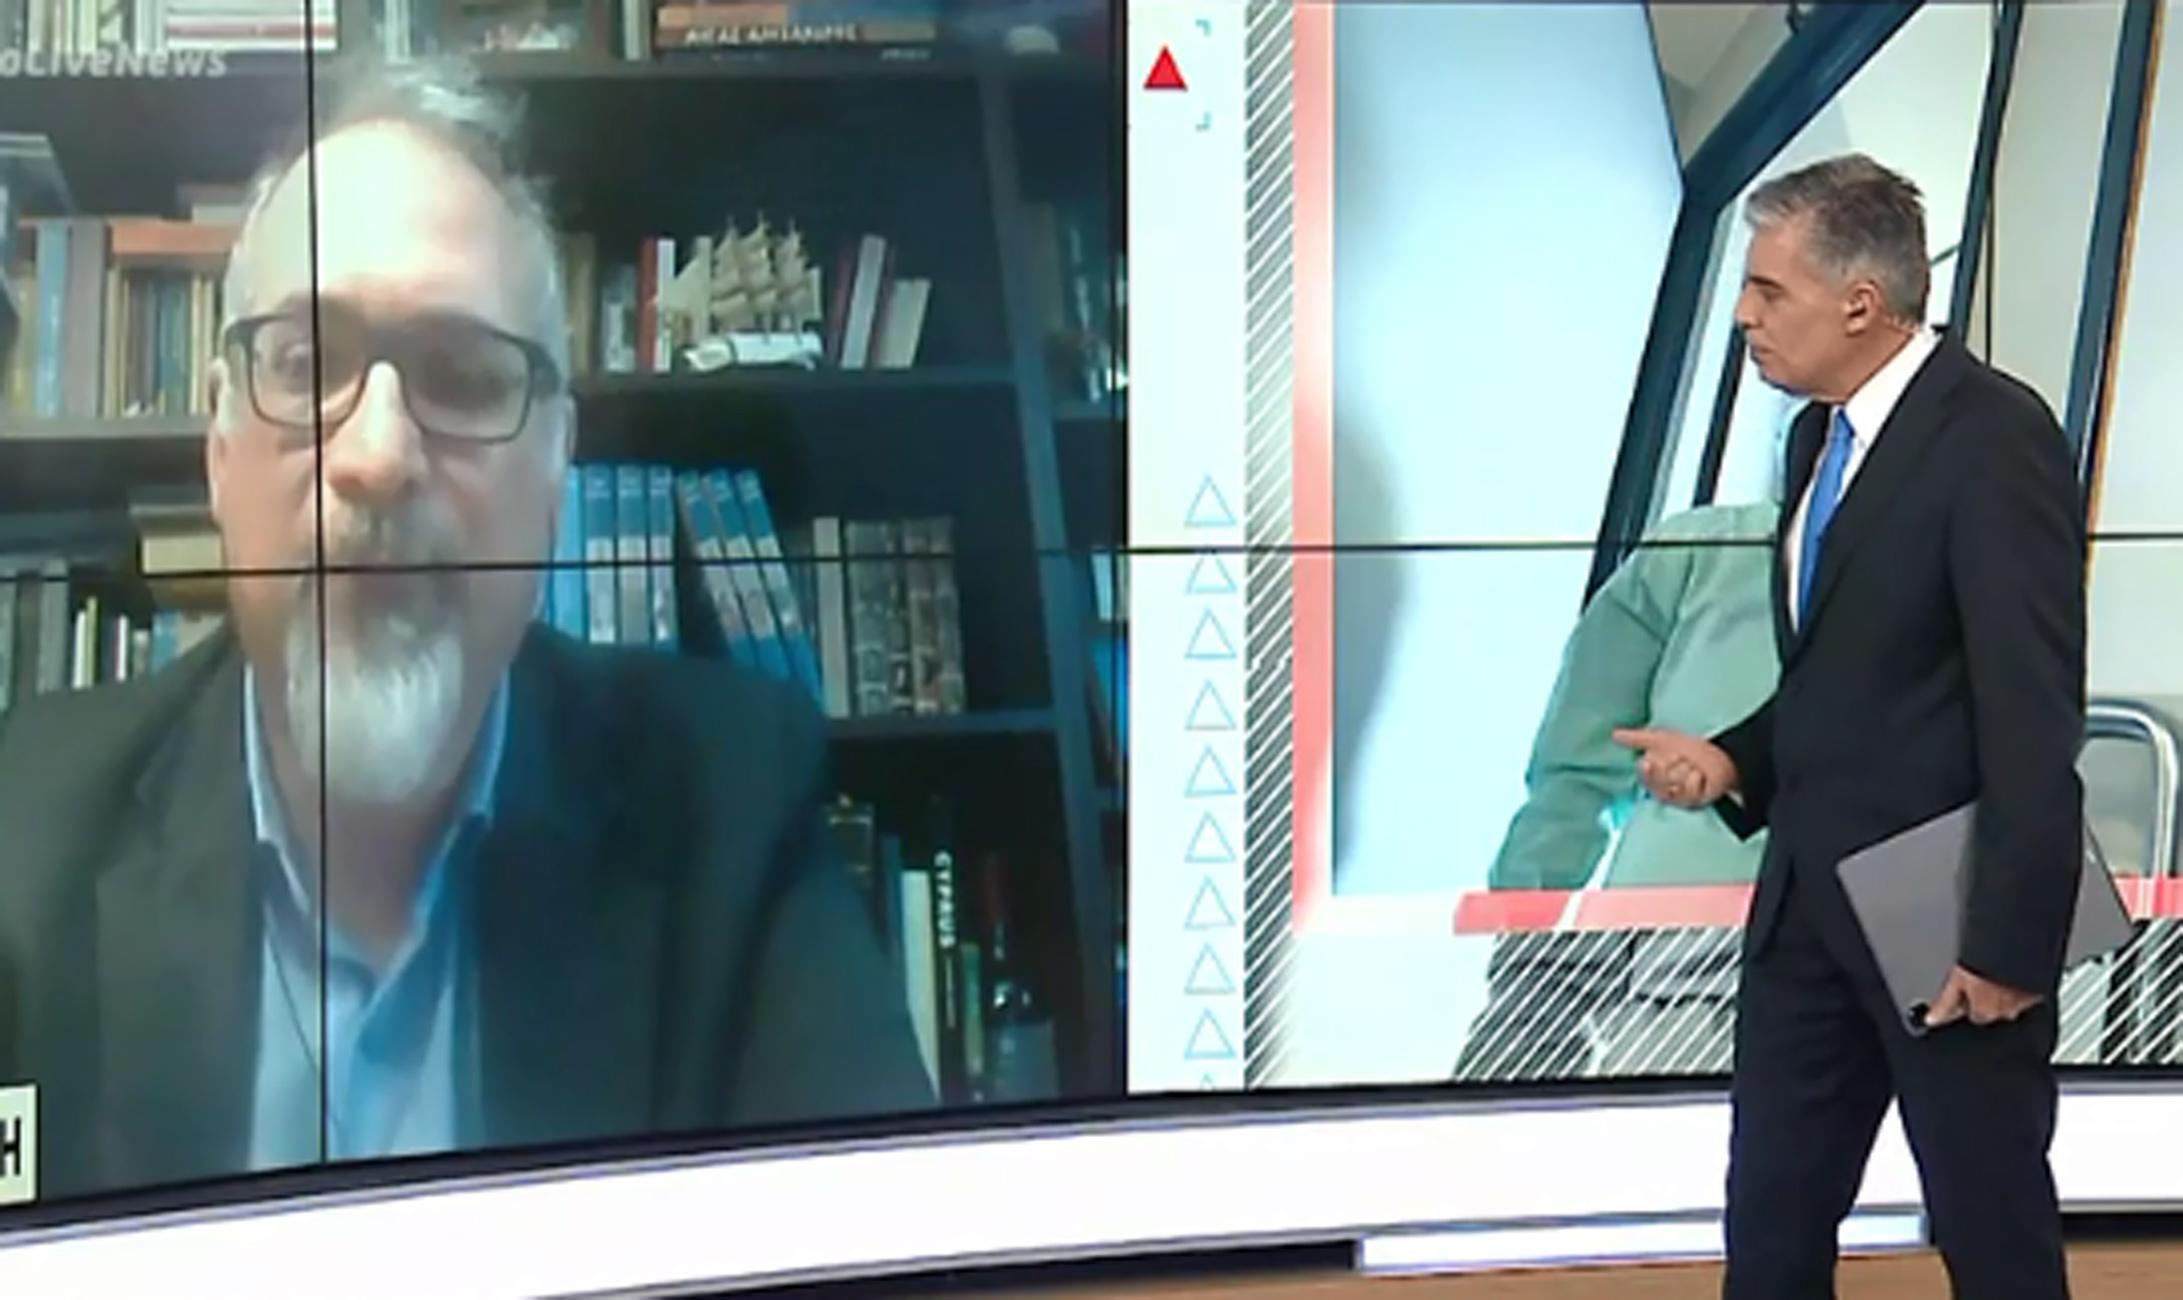 Θωμαϊδης σε Live News: Τα λύματα «δείχνουν» σταθερή διασπορά που δεν προβλέπεται να αποκλιμακωθεί γρήγορα